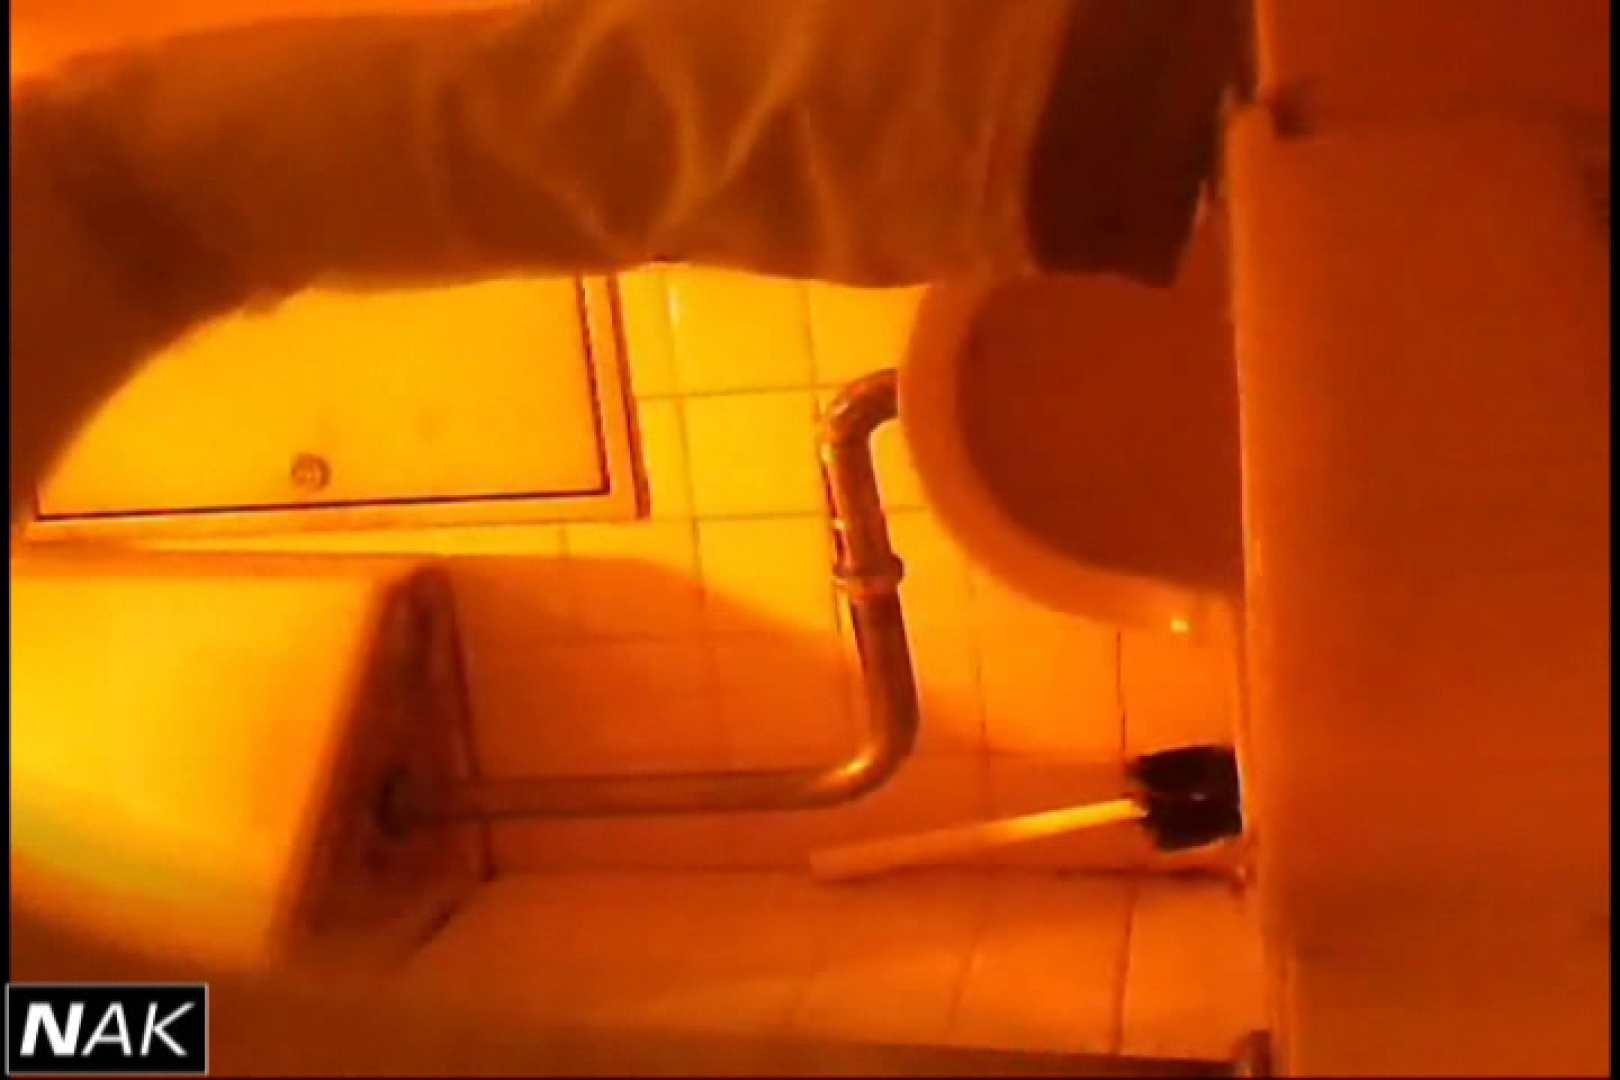 亀さんかわや VIP和式2カメバージョン! vol.09 OLのエロ生活 隠し撮りオマンコ動画紹介 107連発 12